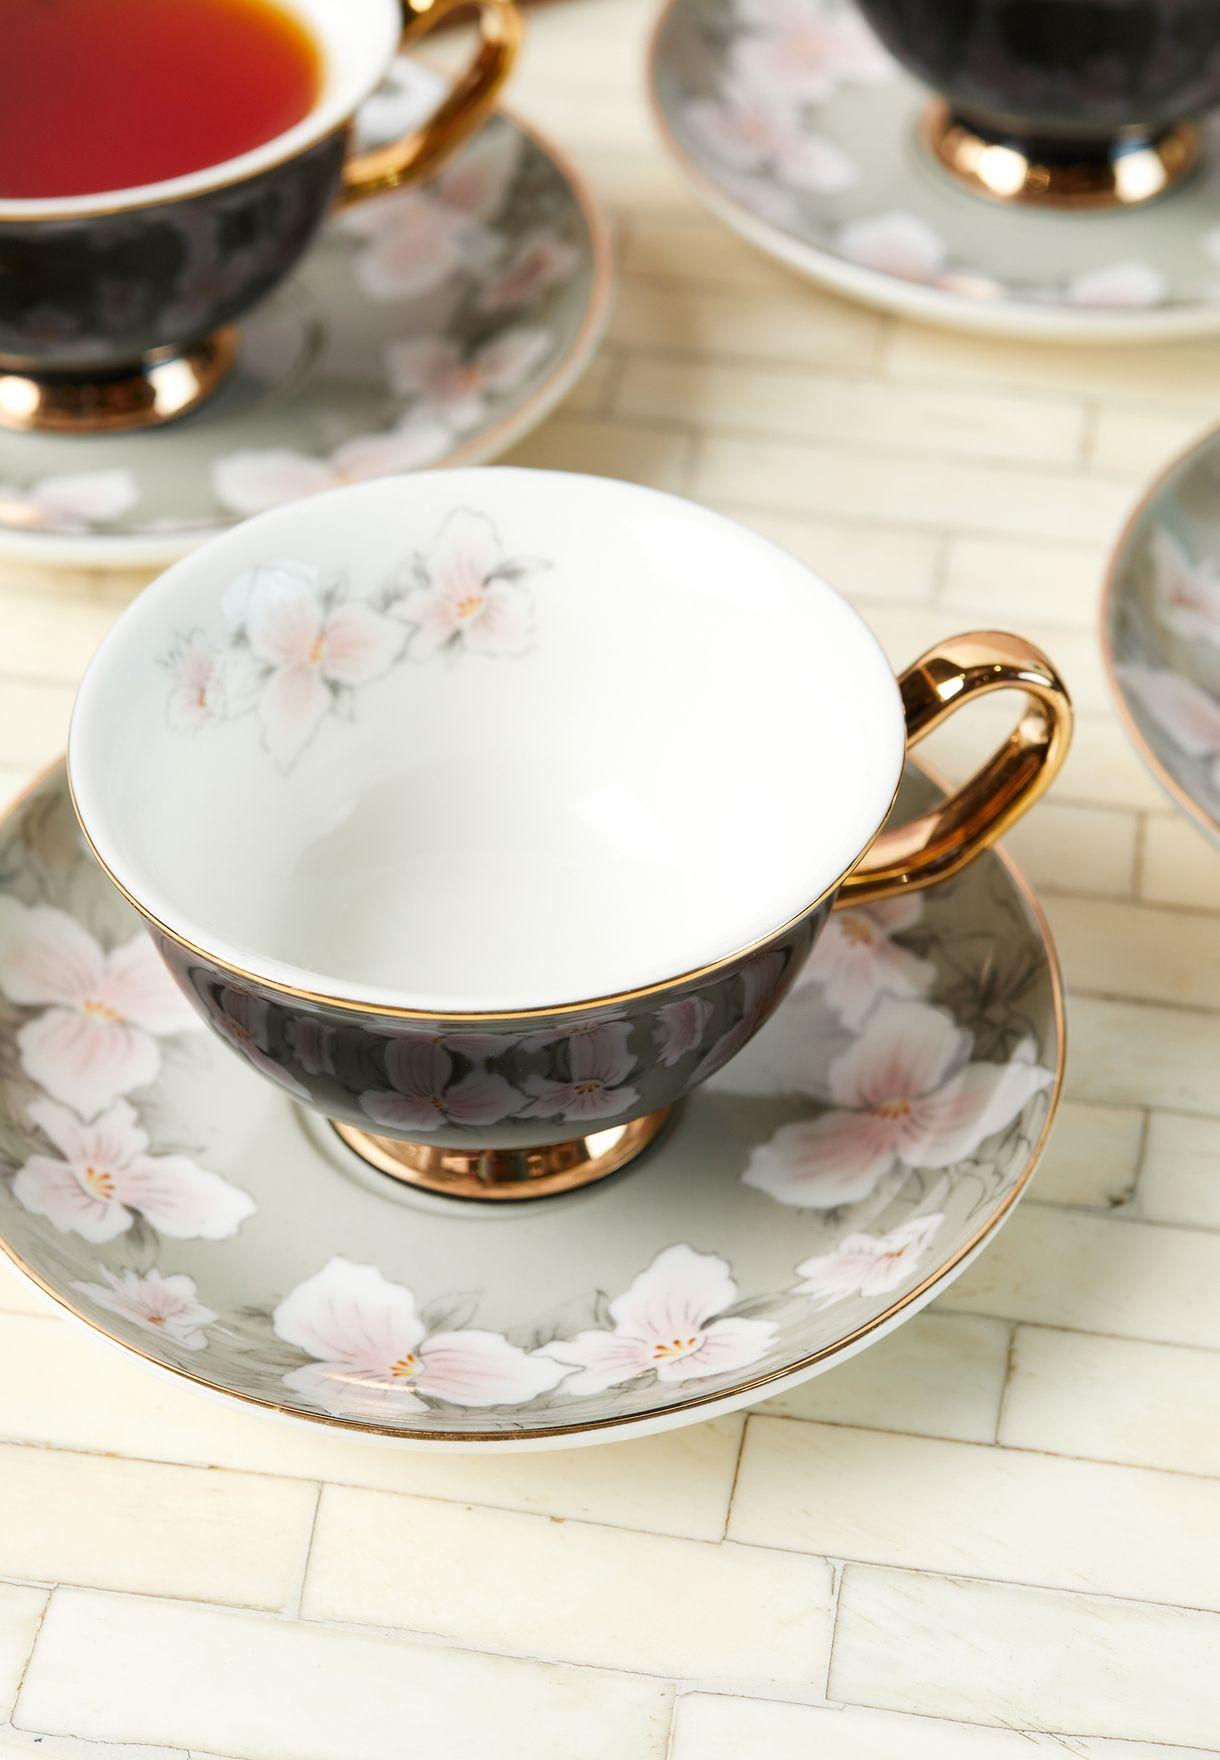 طقم شاي بطبعة ورود